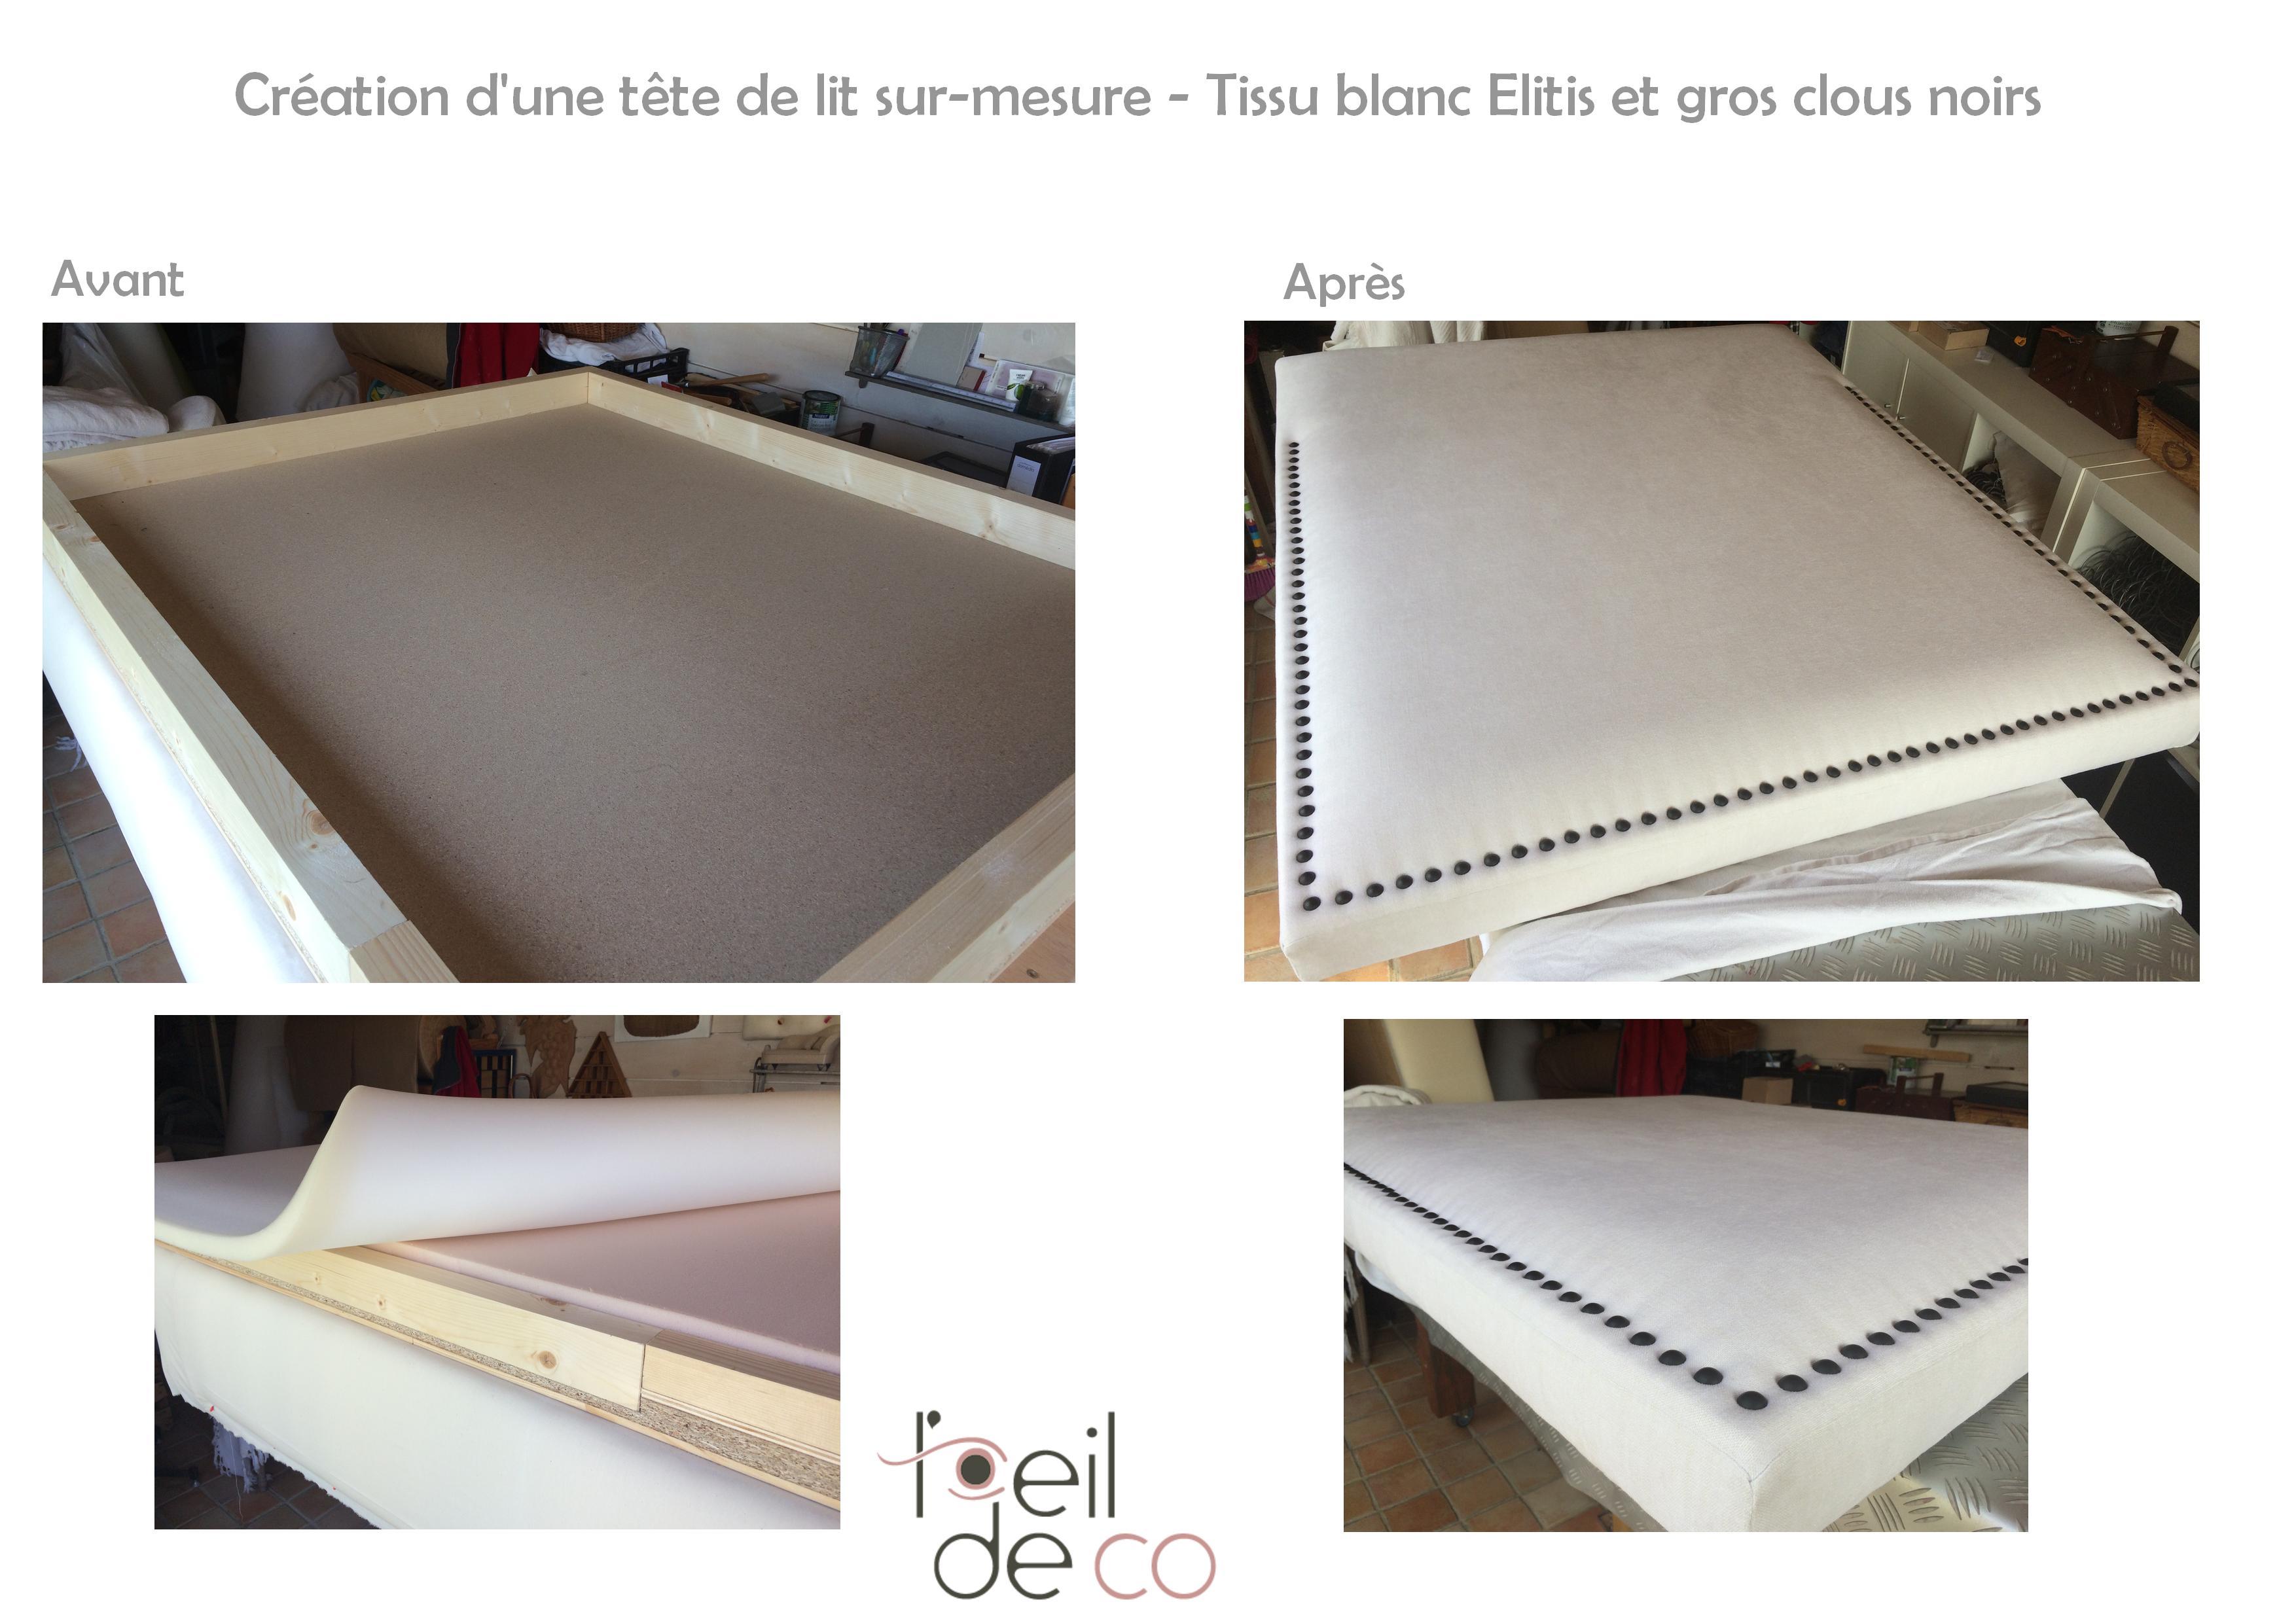 Tete-de-lit-Création-tissu blanc